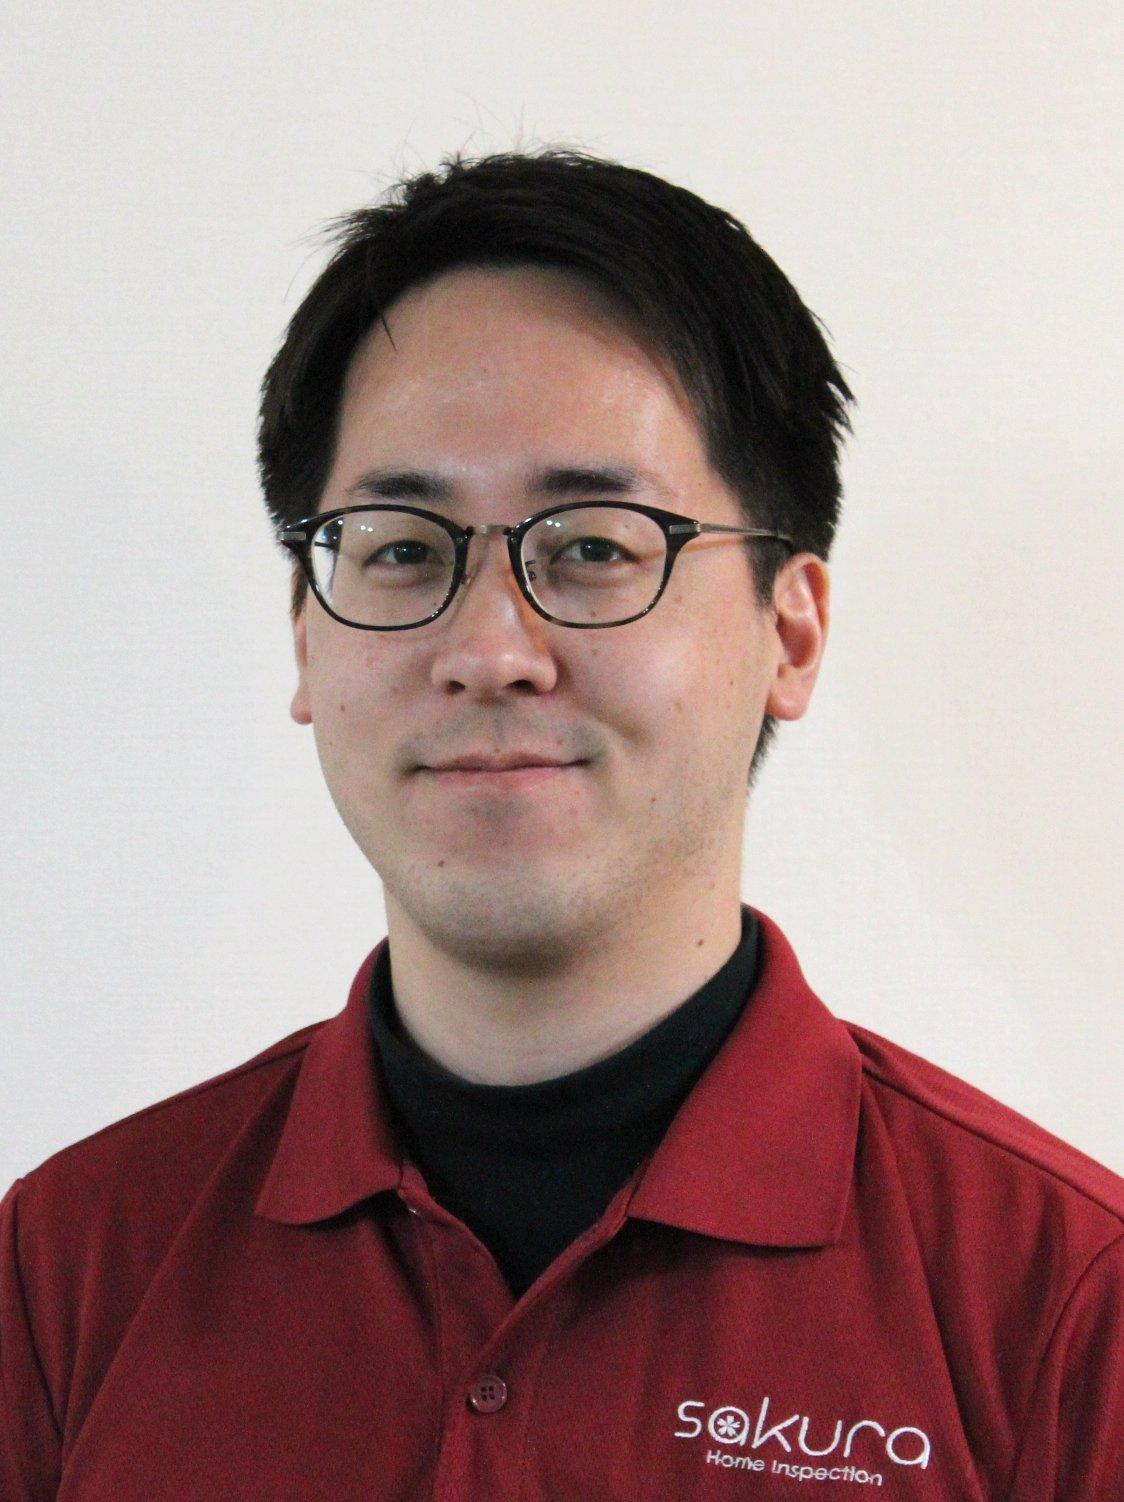 ホームインスペクター 友田 雄俊